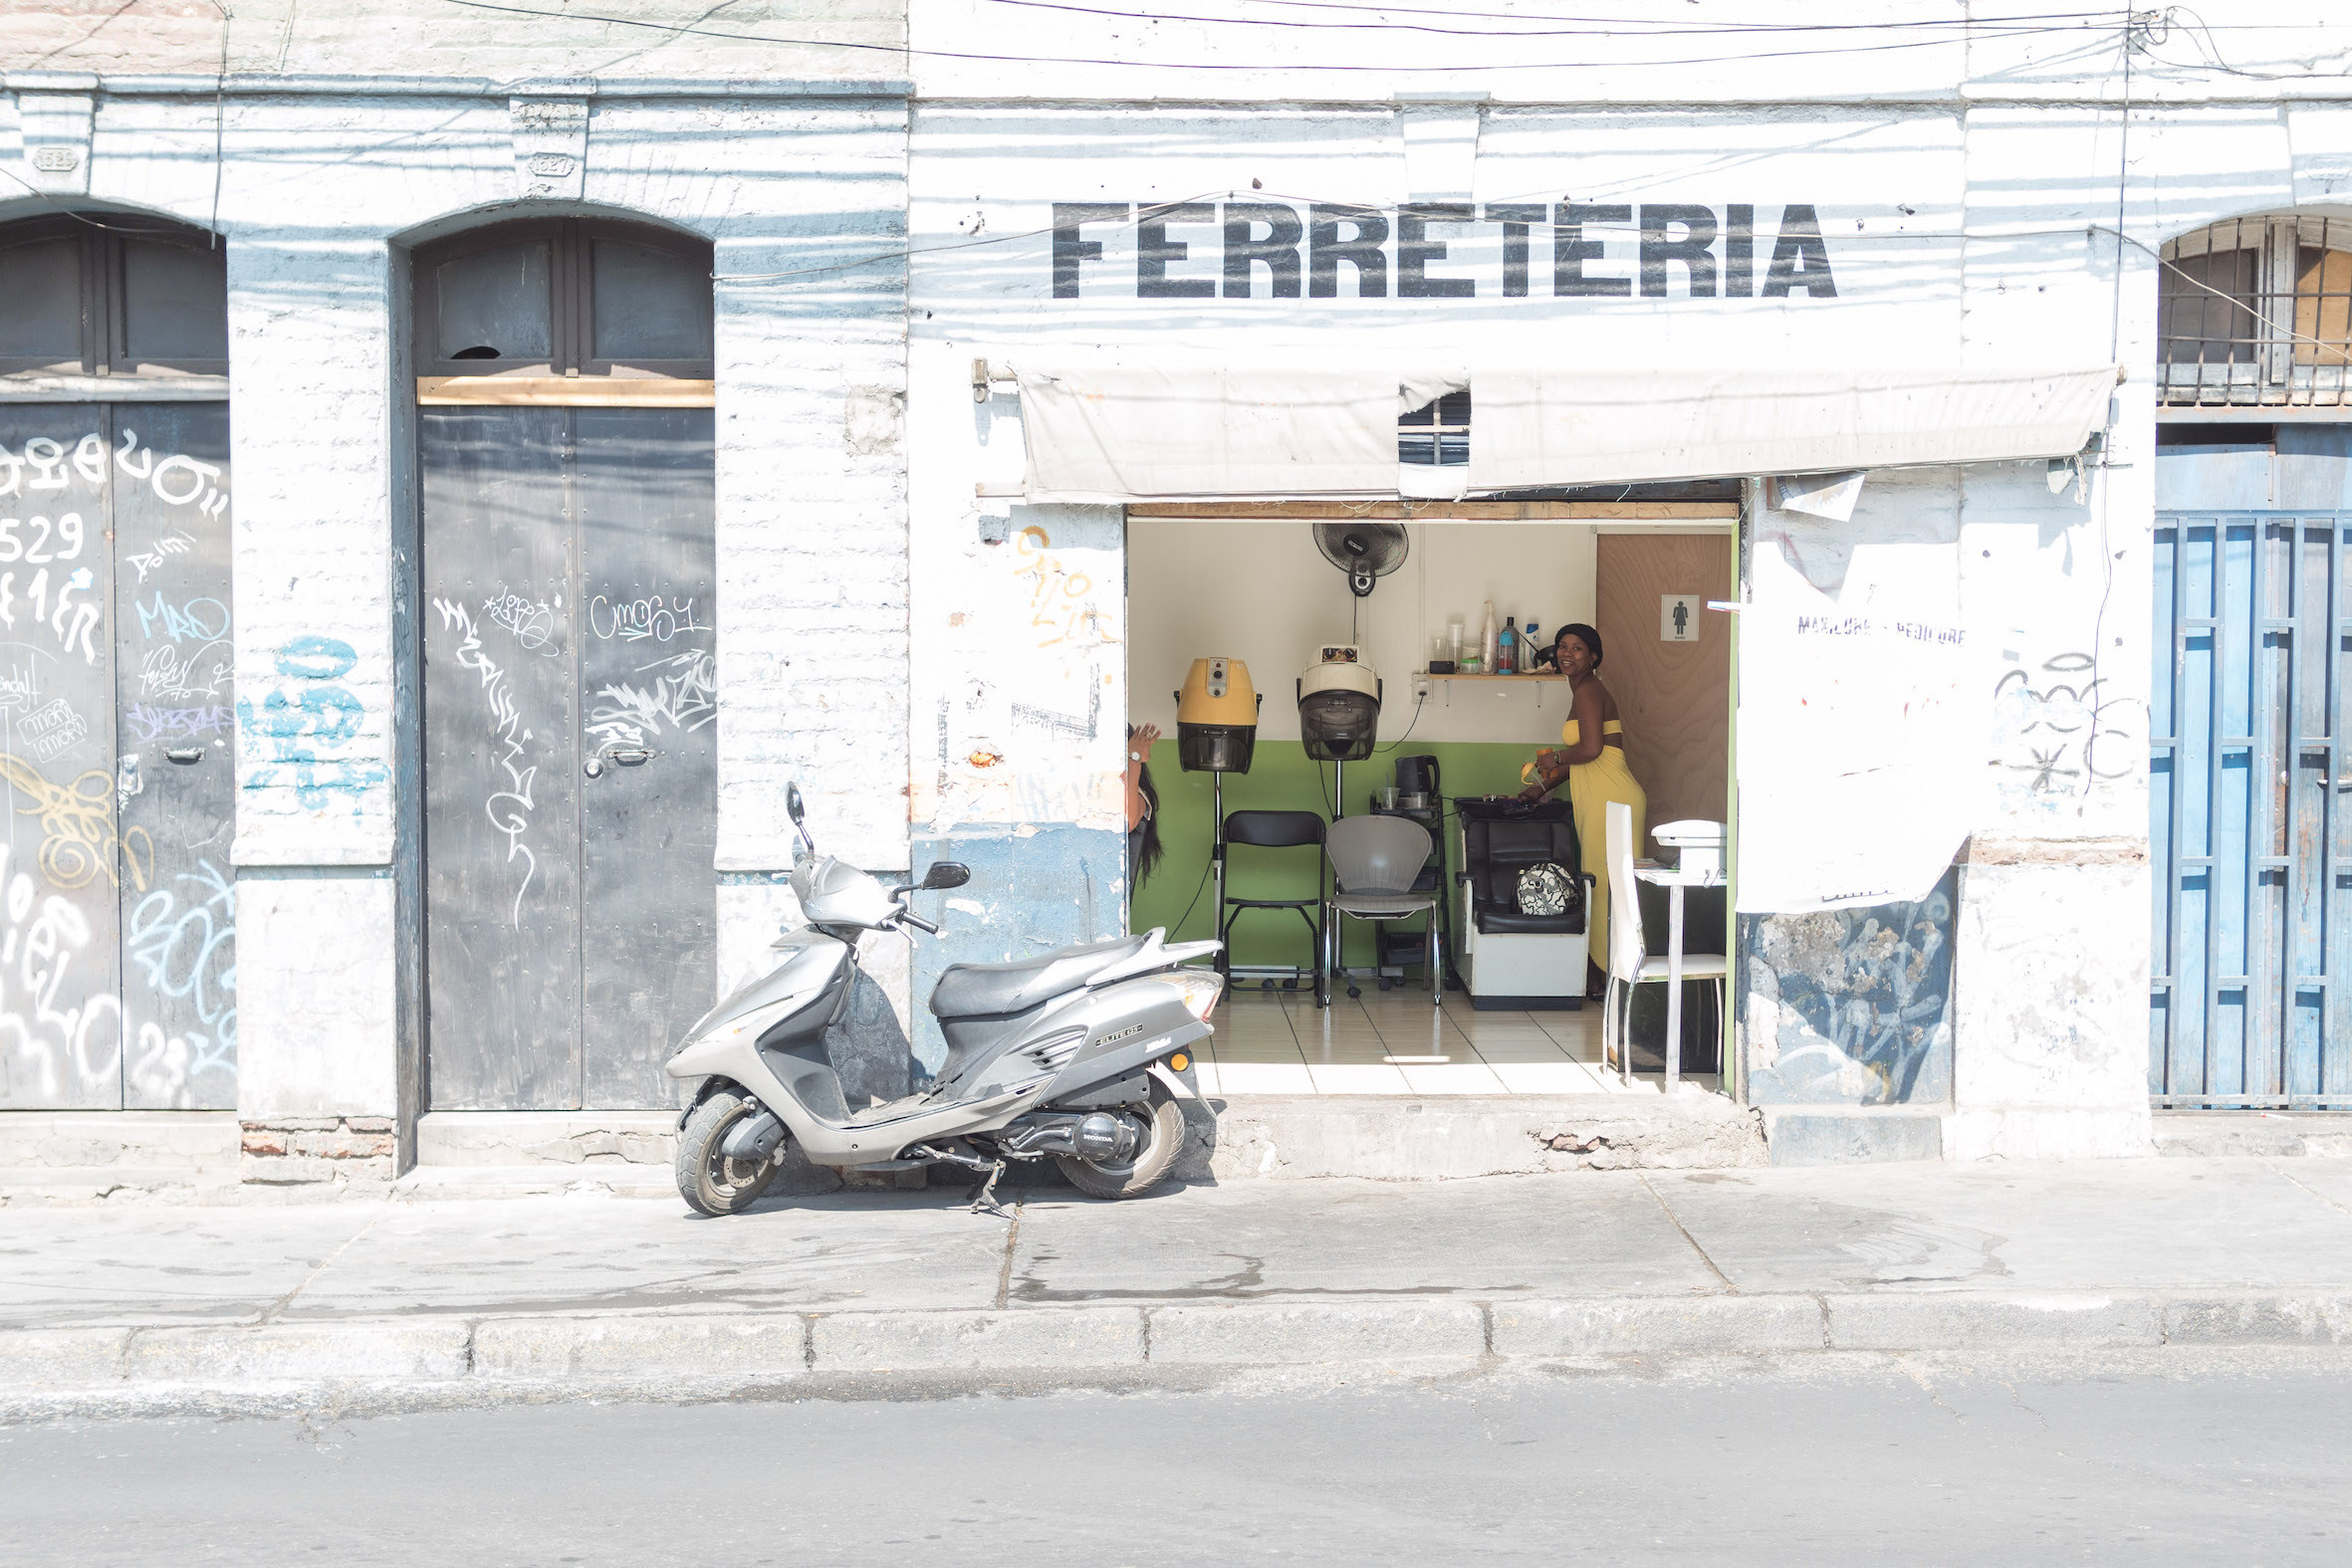 01 Sortie d'Egypte | Urban Pix